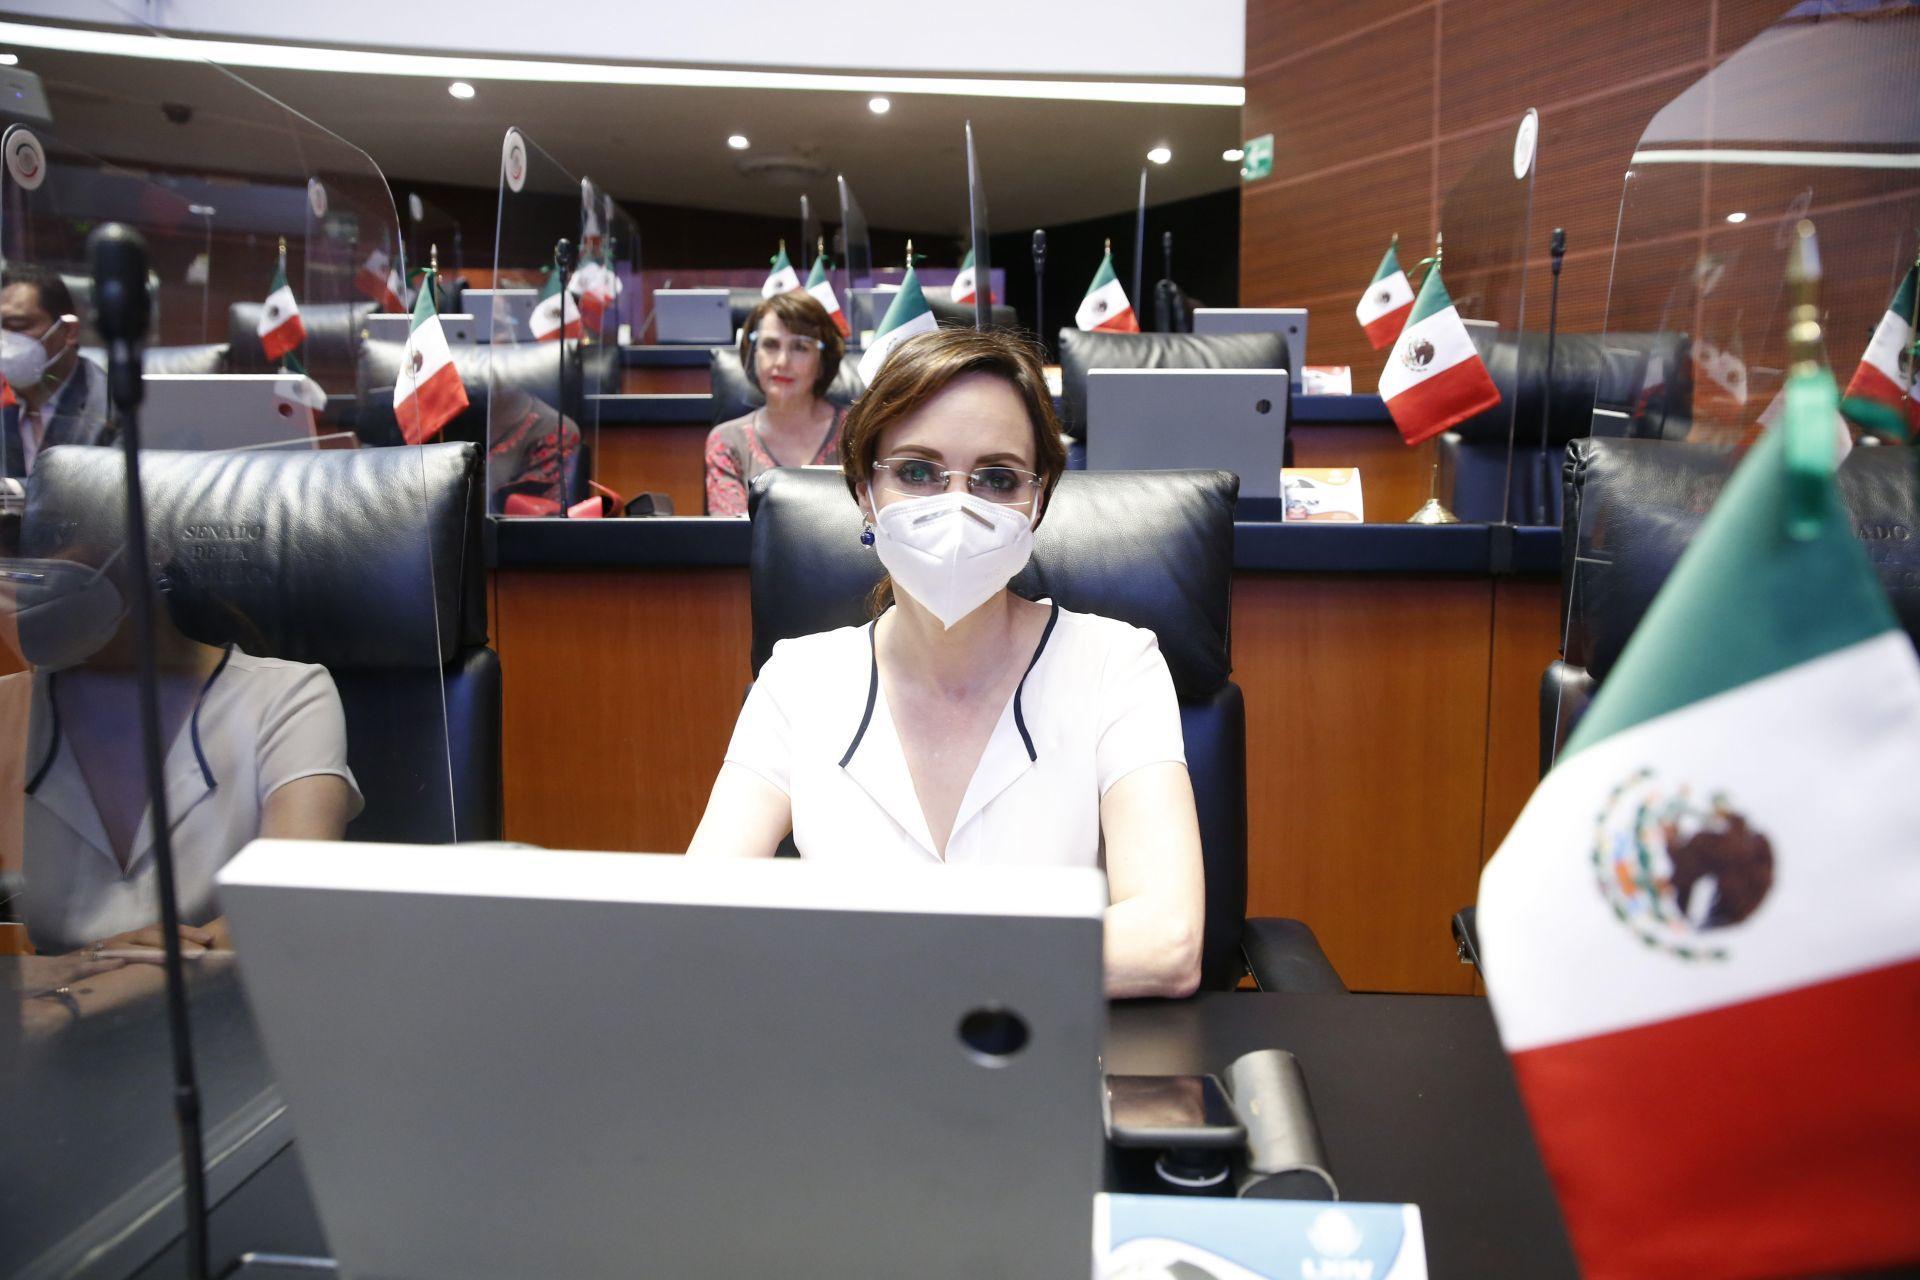 El titular de la SEGOB, Adán Augusto López, pidió garantizar la seguridad del hijo menor de la senadora del Partido Acción Nacional, Lily Téllez.